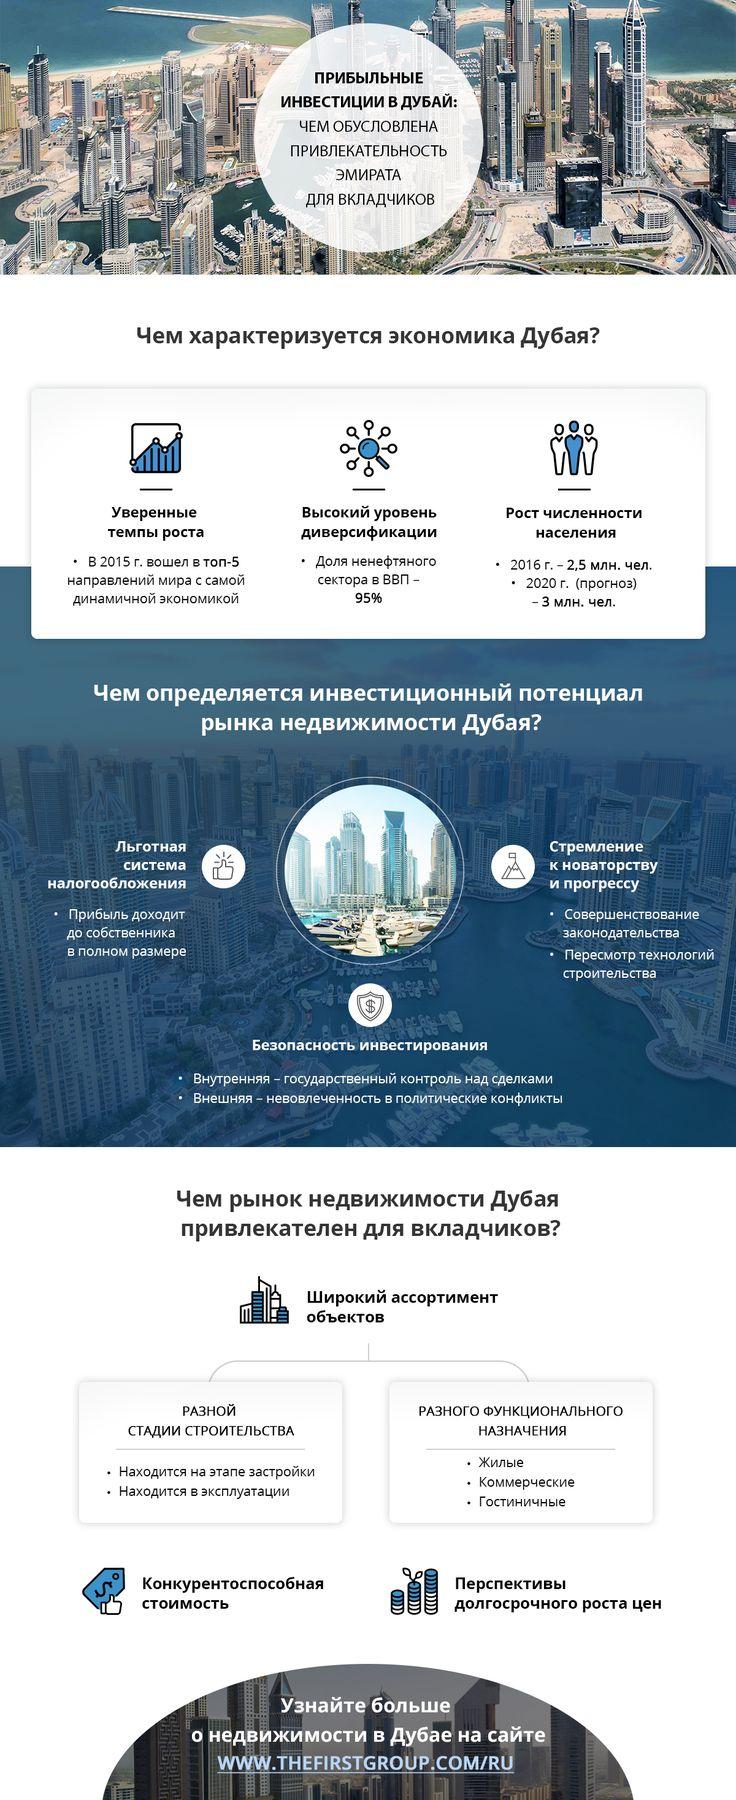 Прибыльные инвестиции в Дубай чем обусловлена привлекательность эмирата для вкладчиков